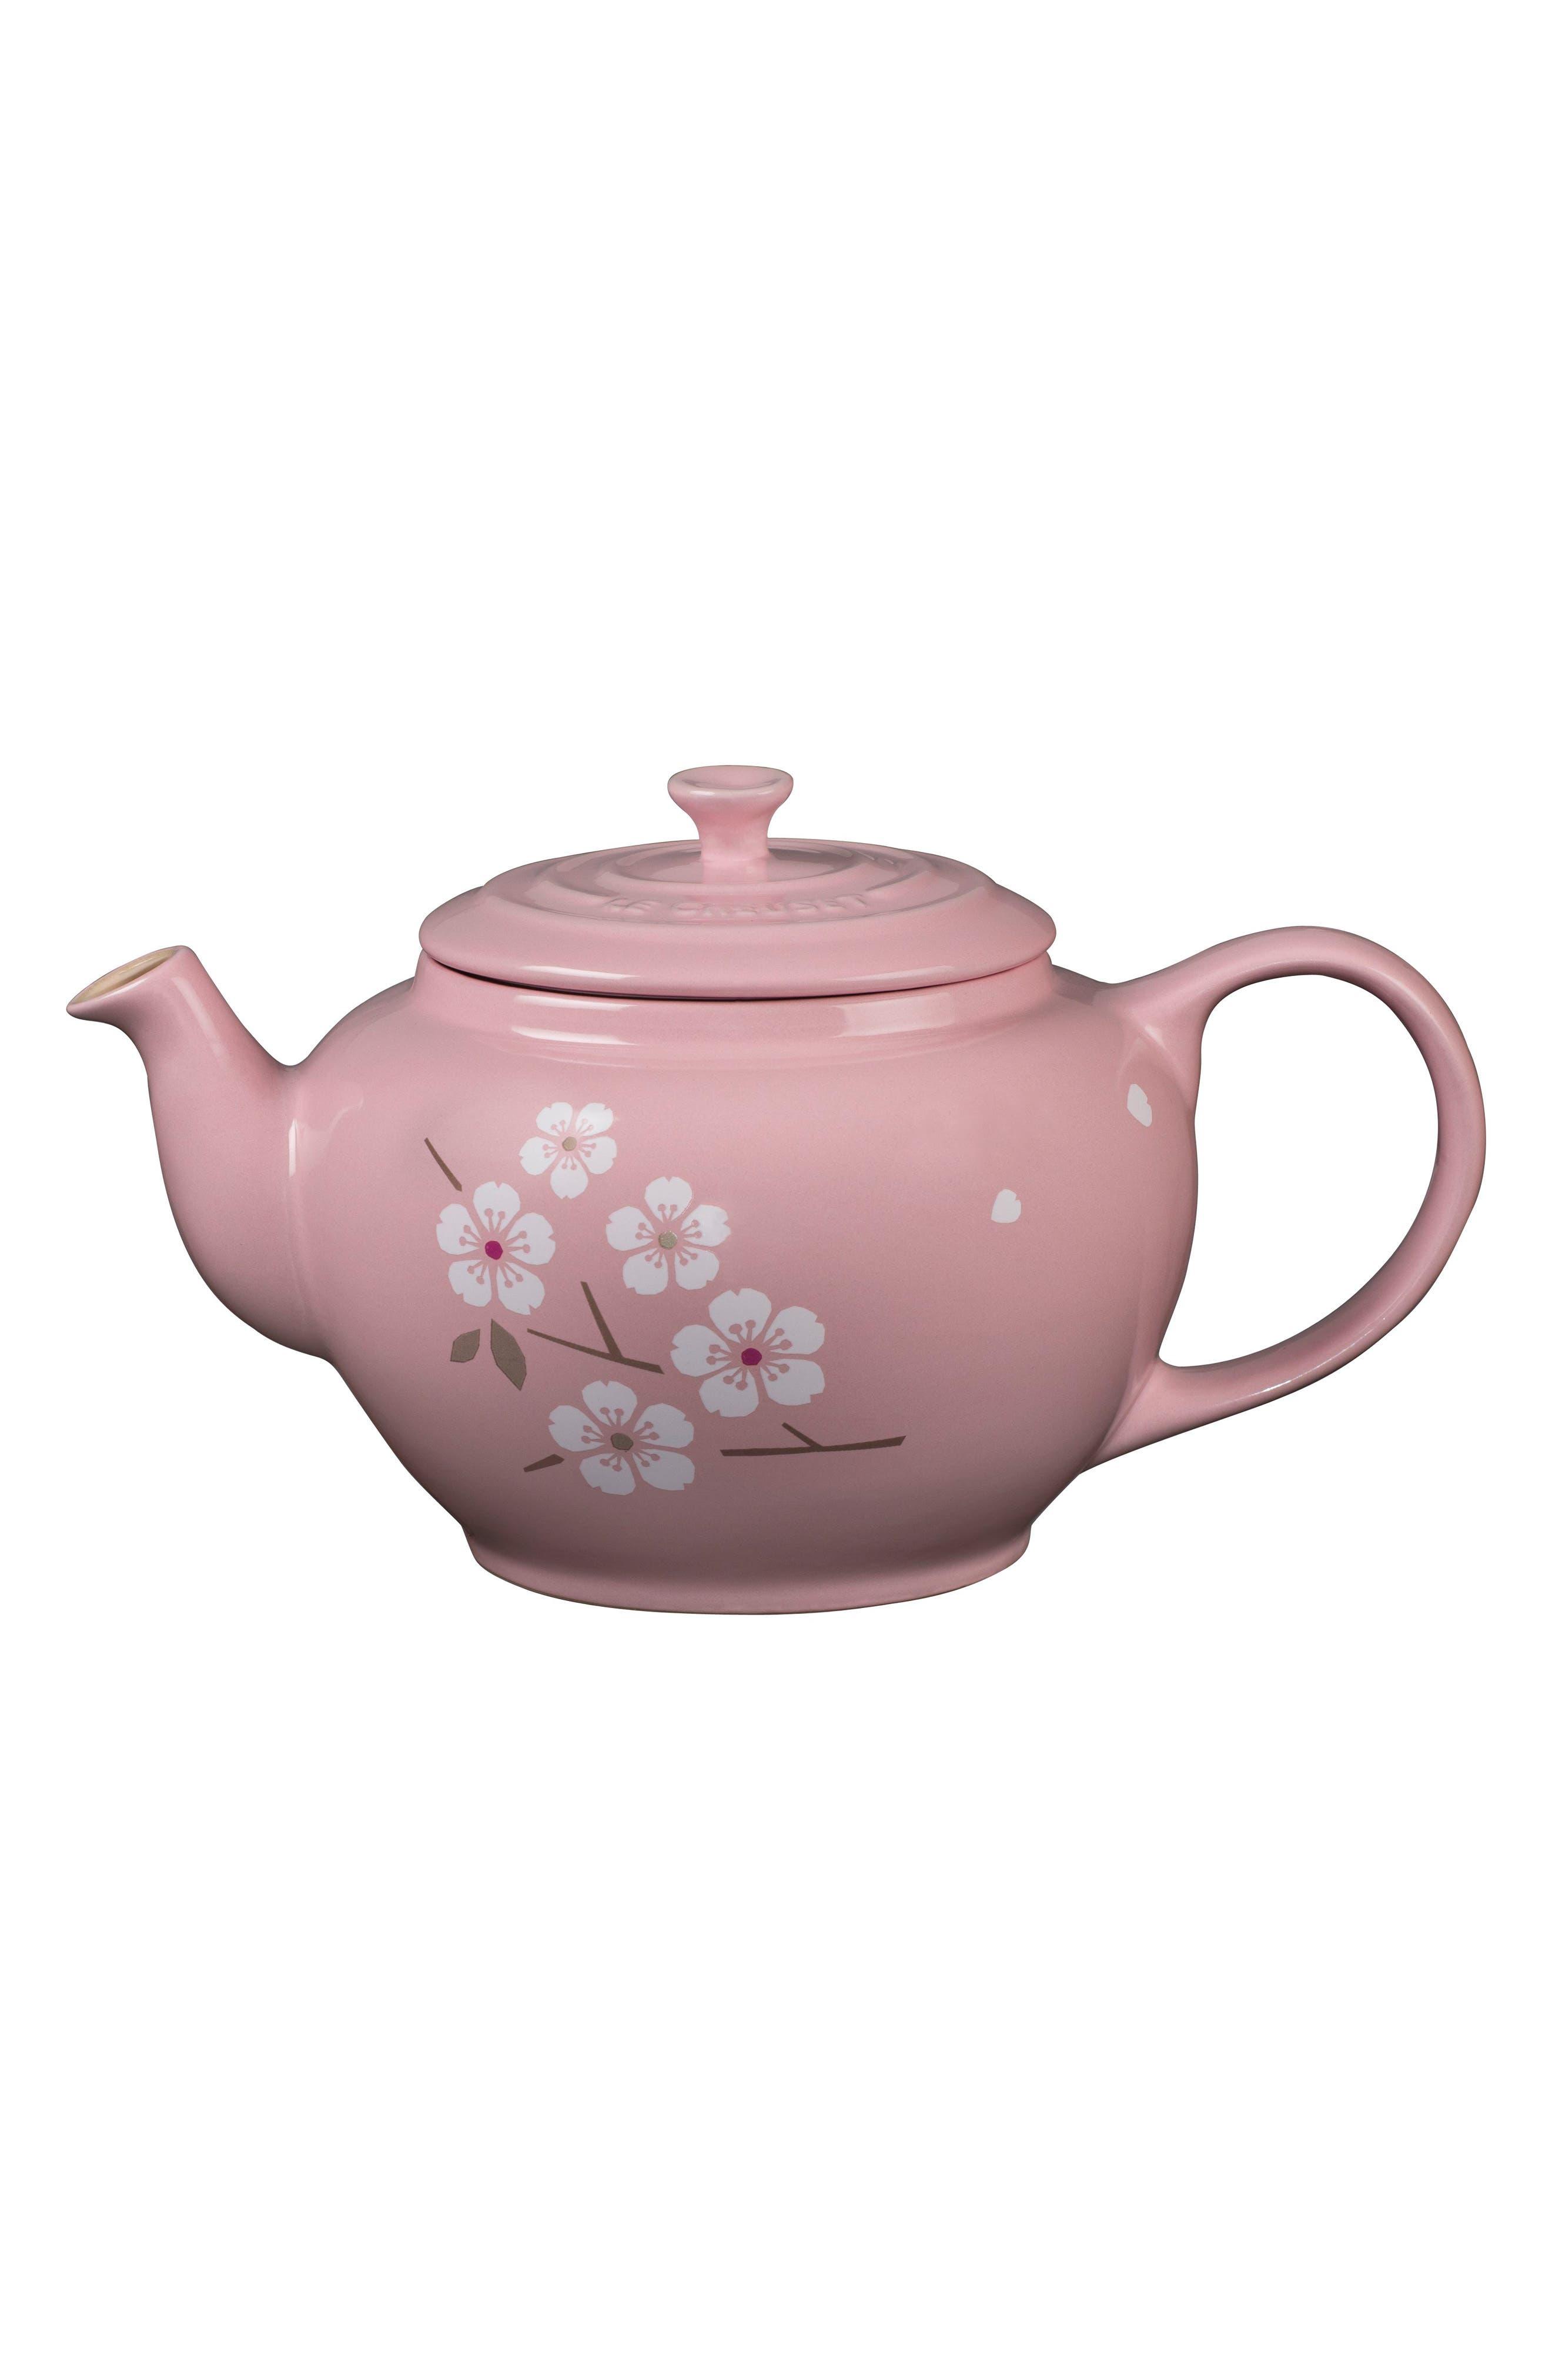 Sakura 1-Quart Stoneware Teapot,                             Main thumbnail 1, color,                             650